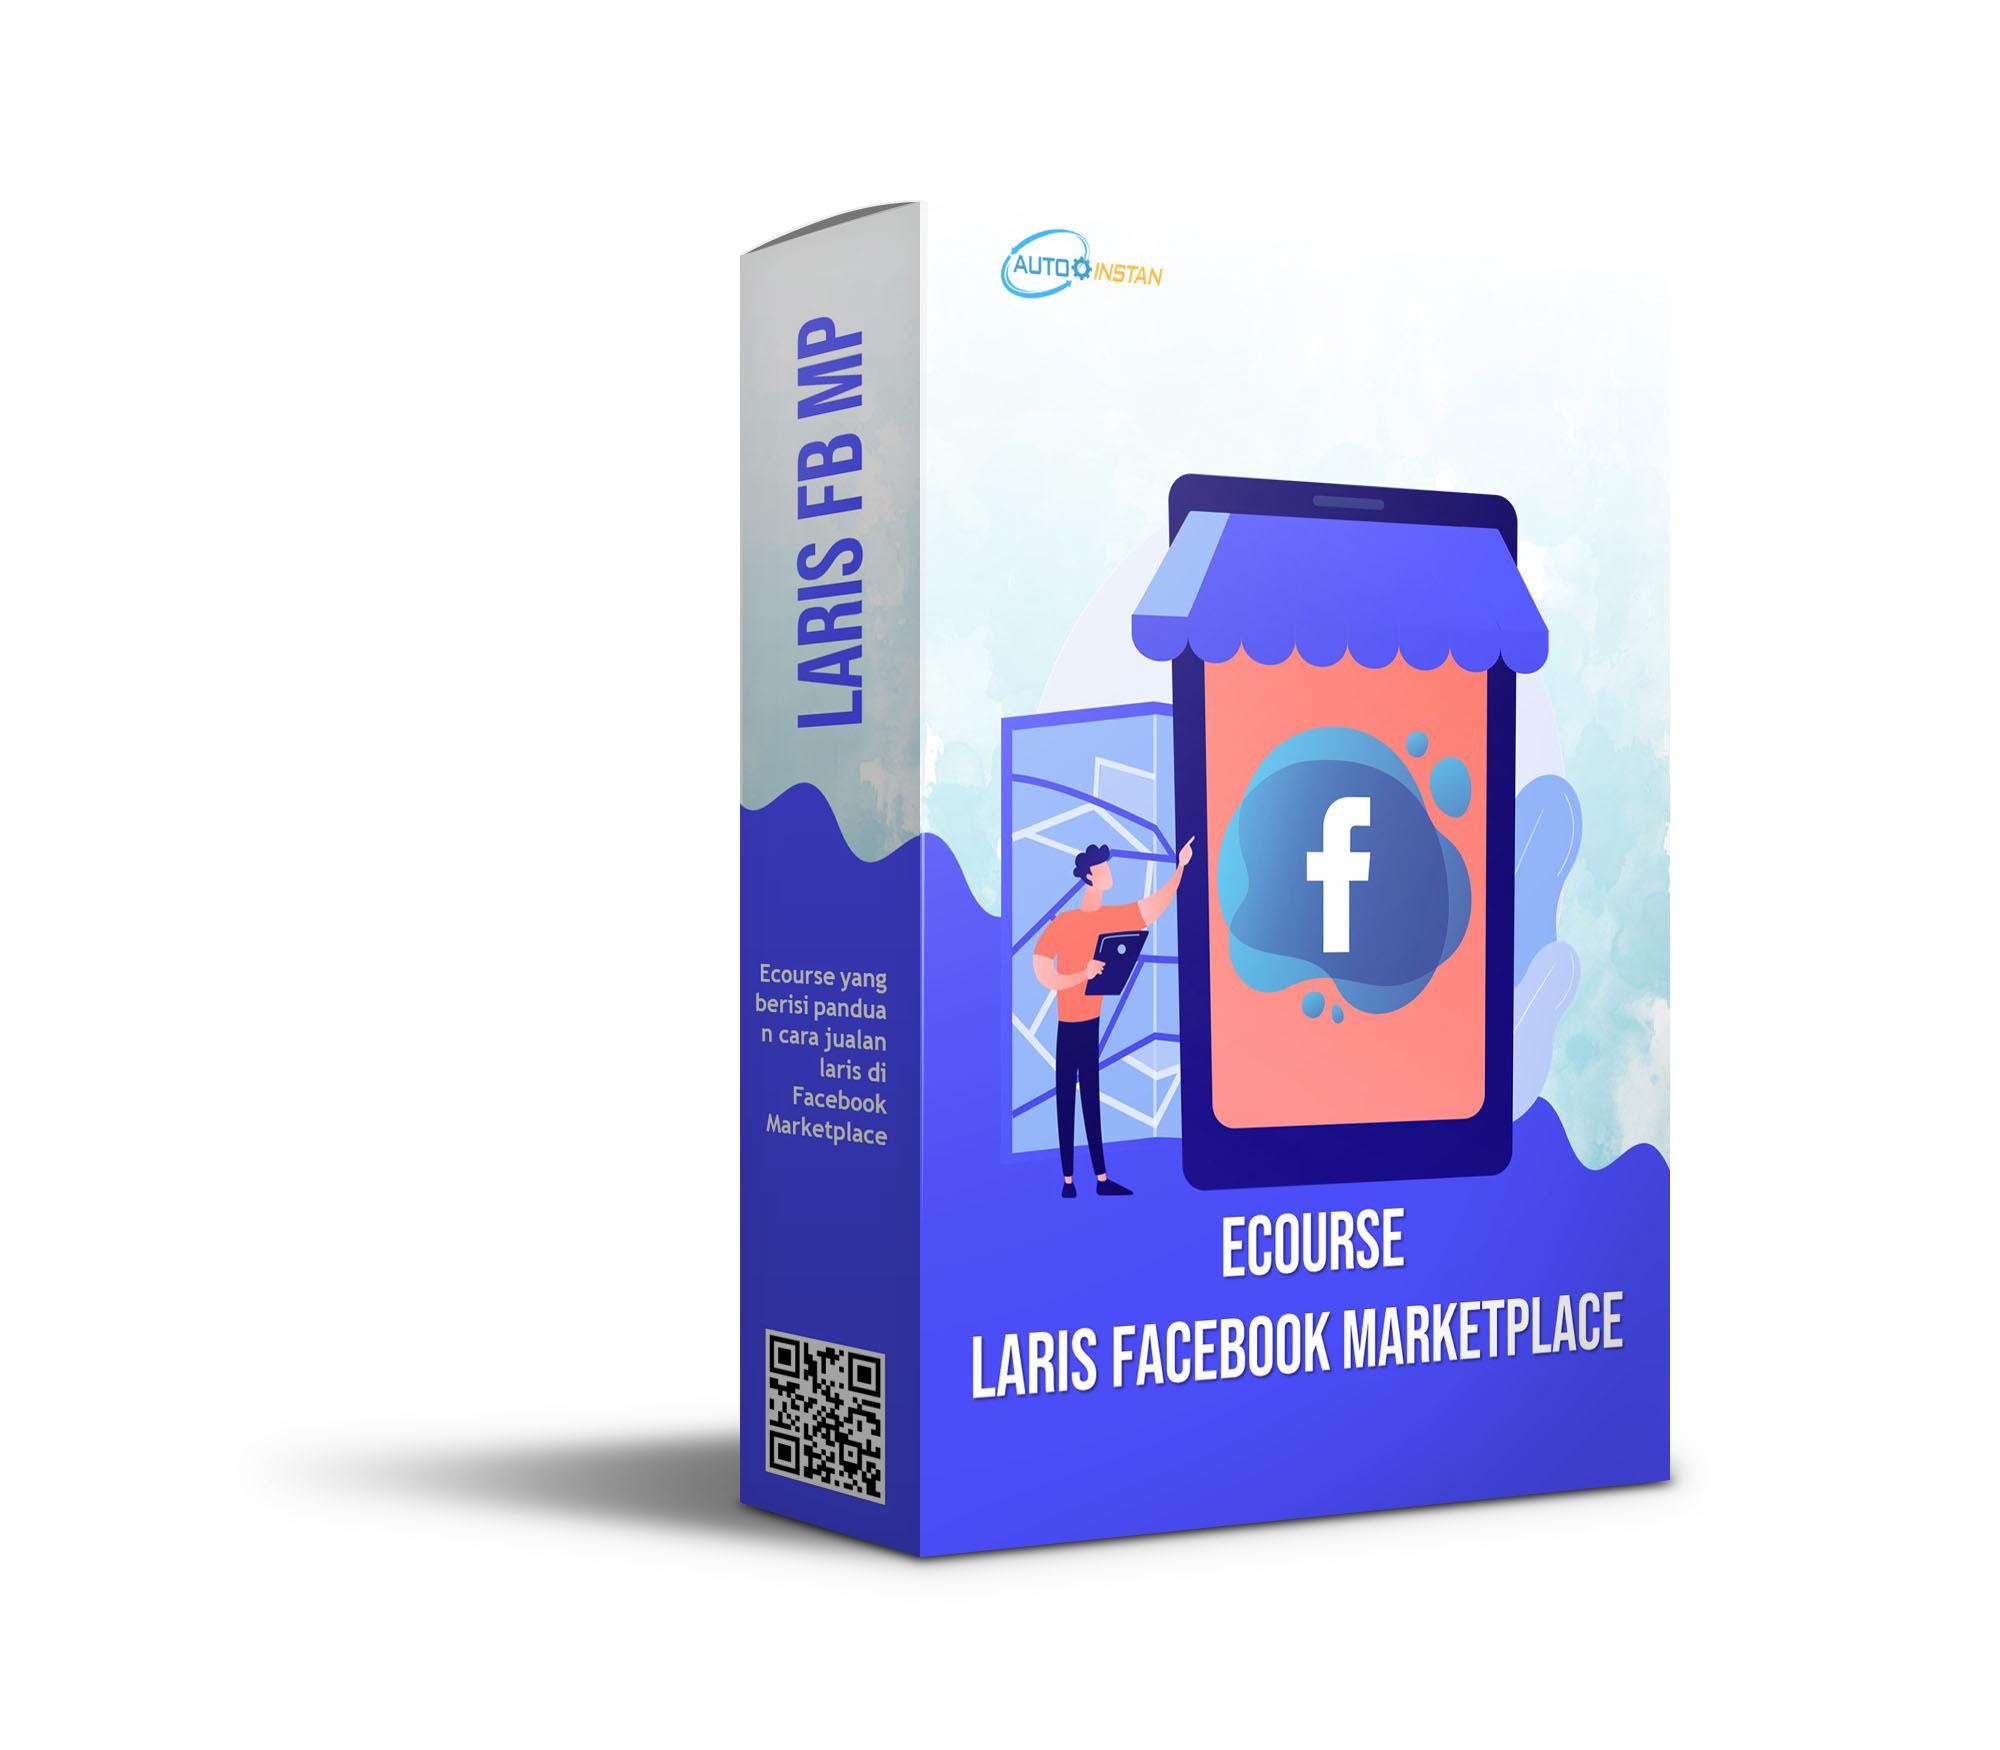 Ecourse Laris Facebook Marketplace